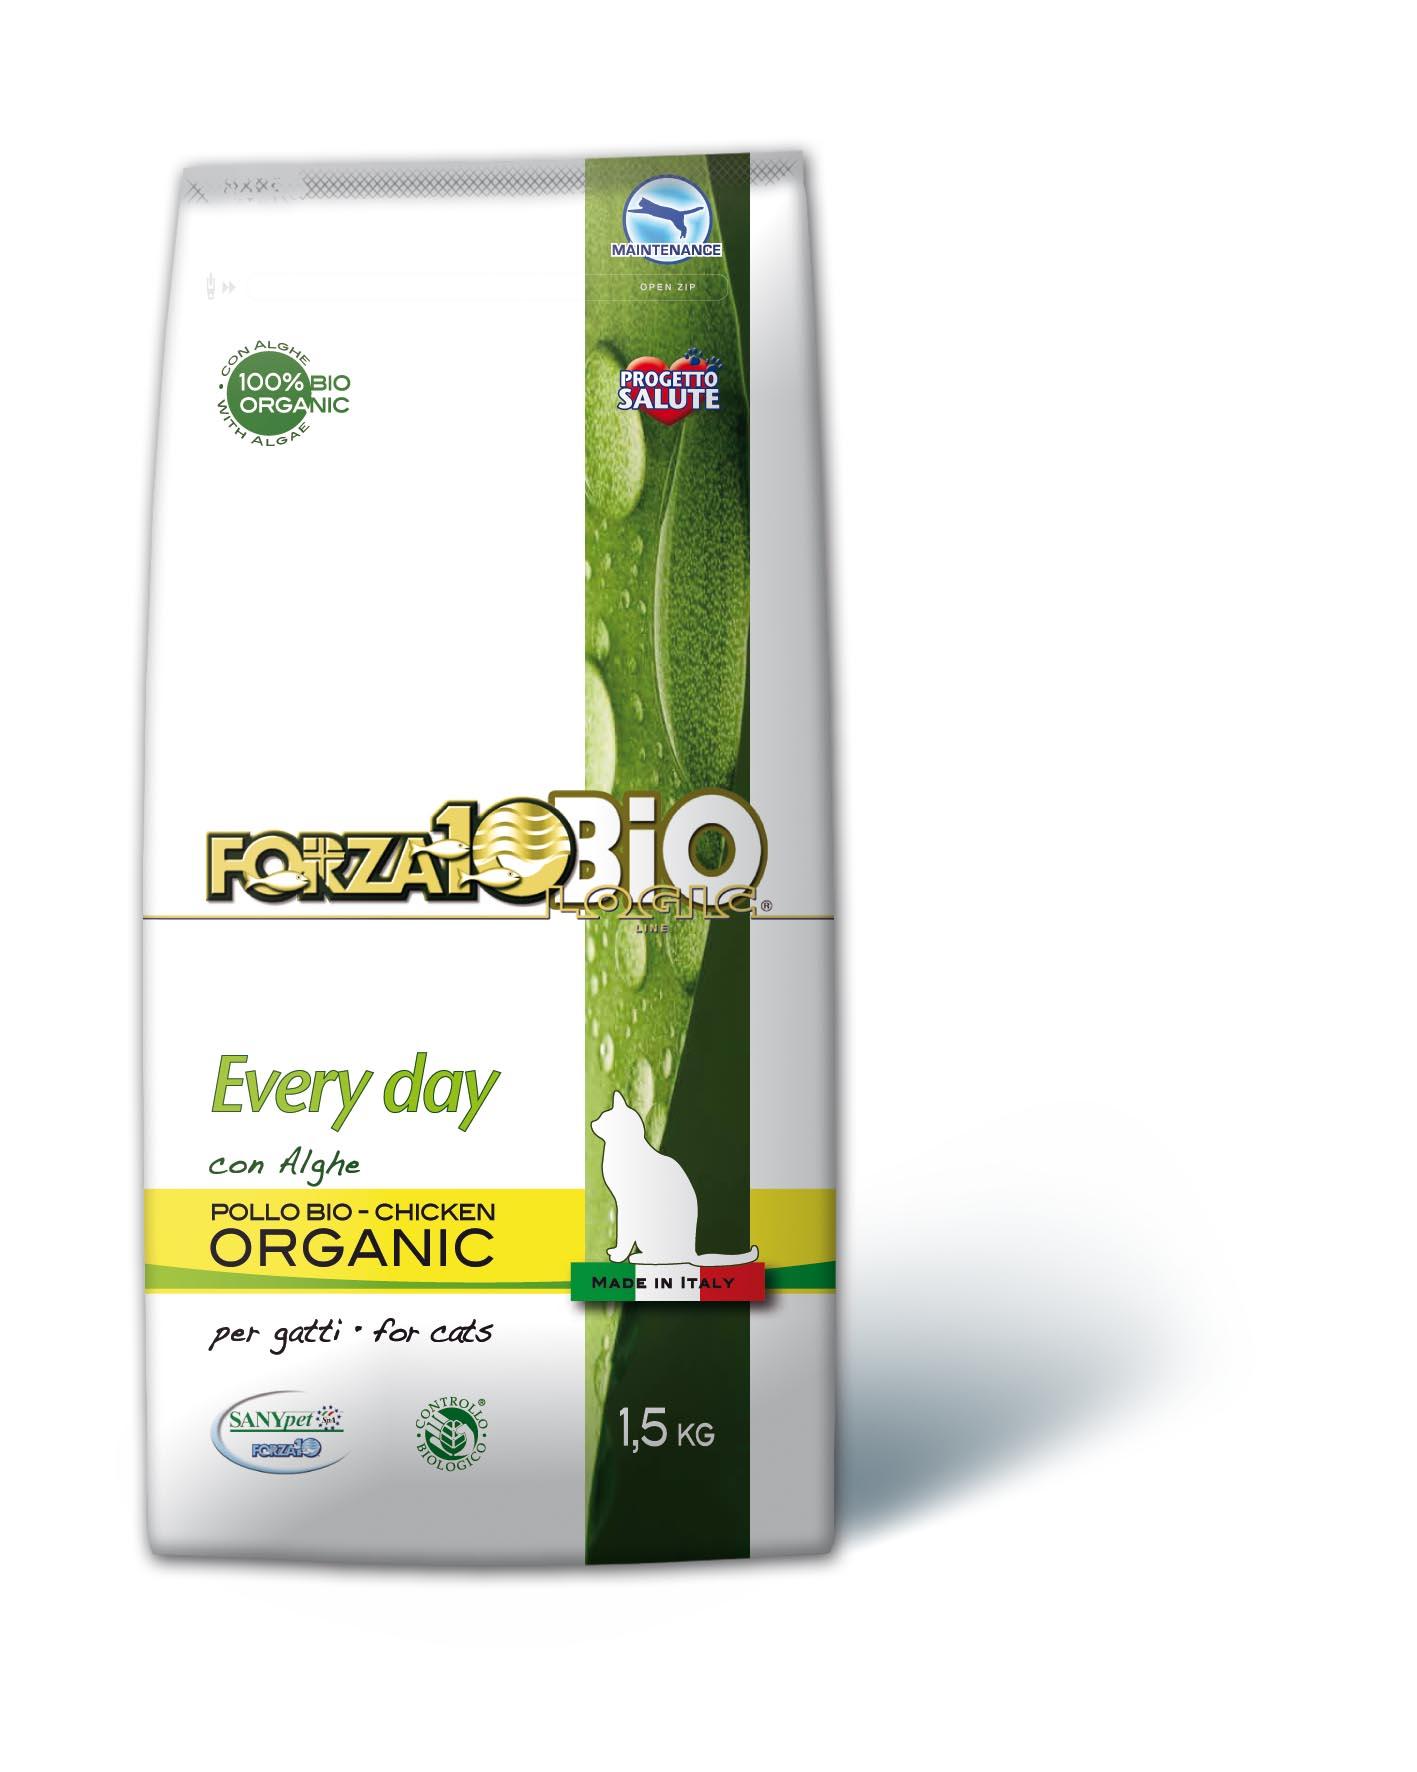 FORZA10 BIO - Pollo con Algas GATO 1.5kg